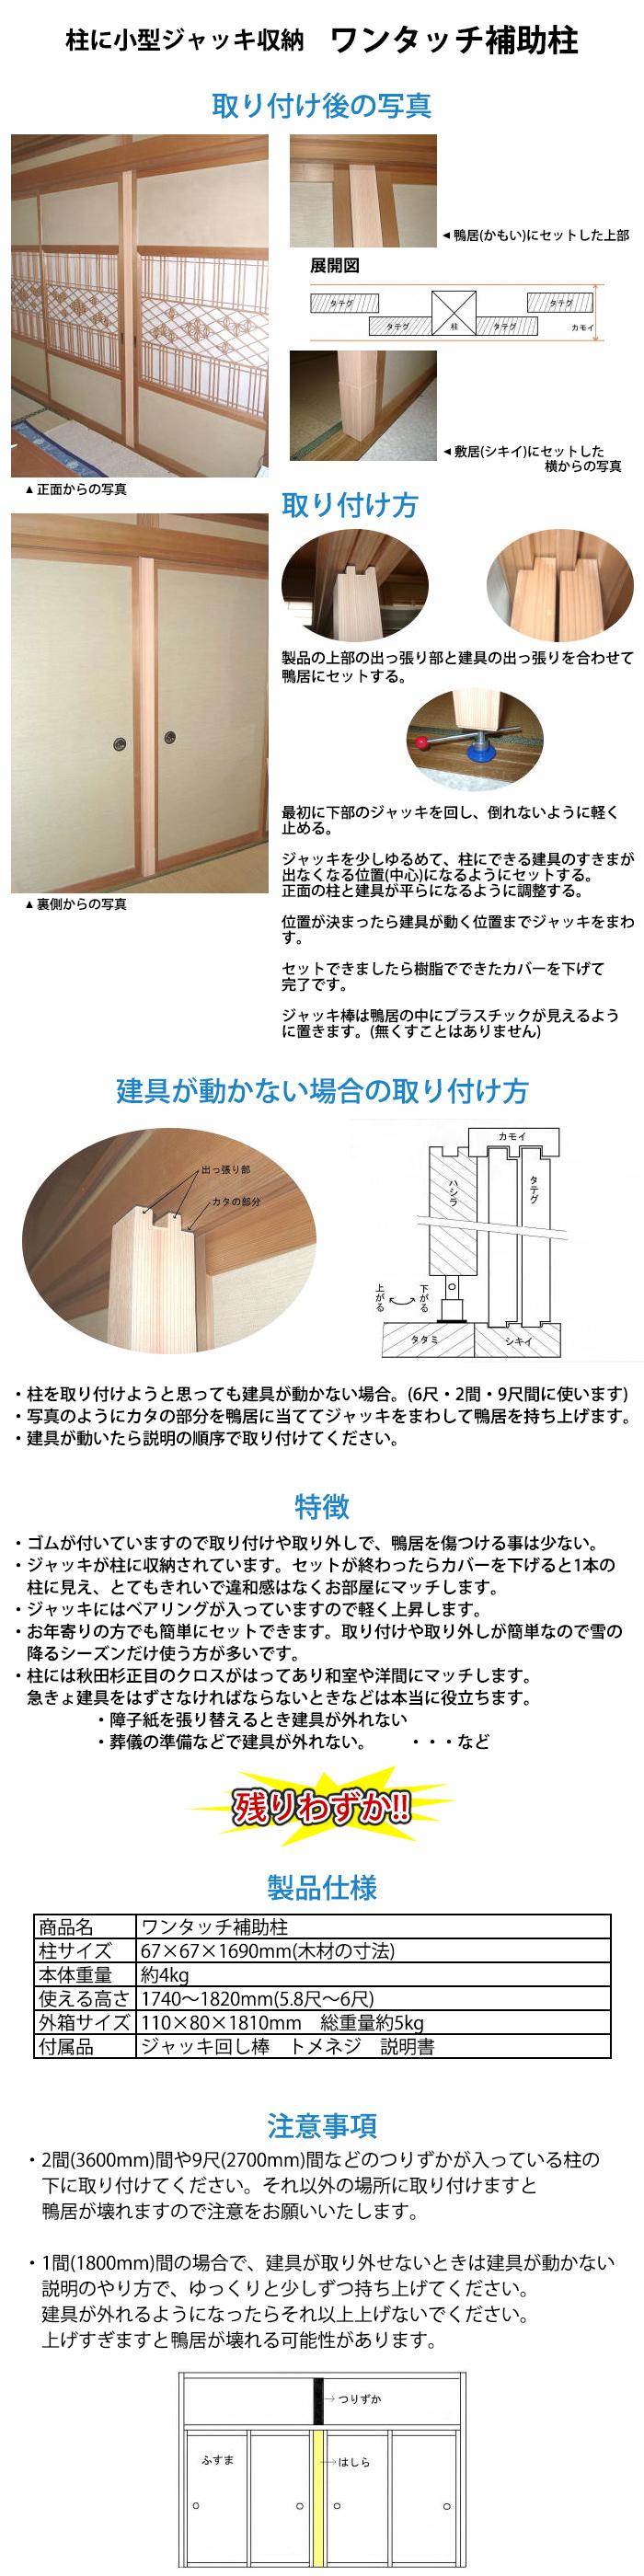 ワンタッチ補助柱